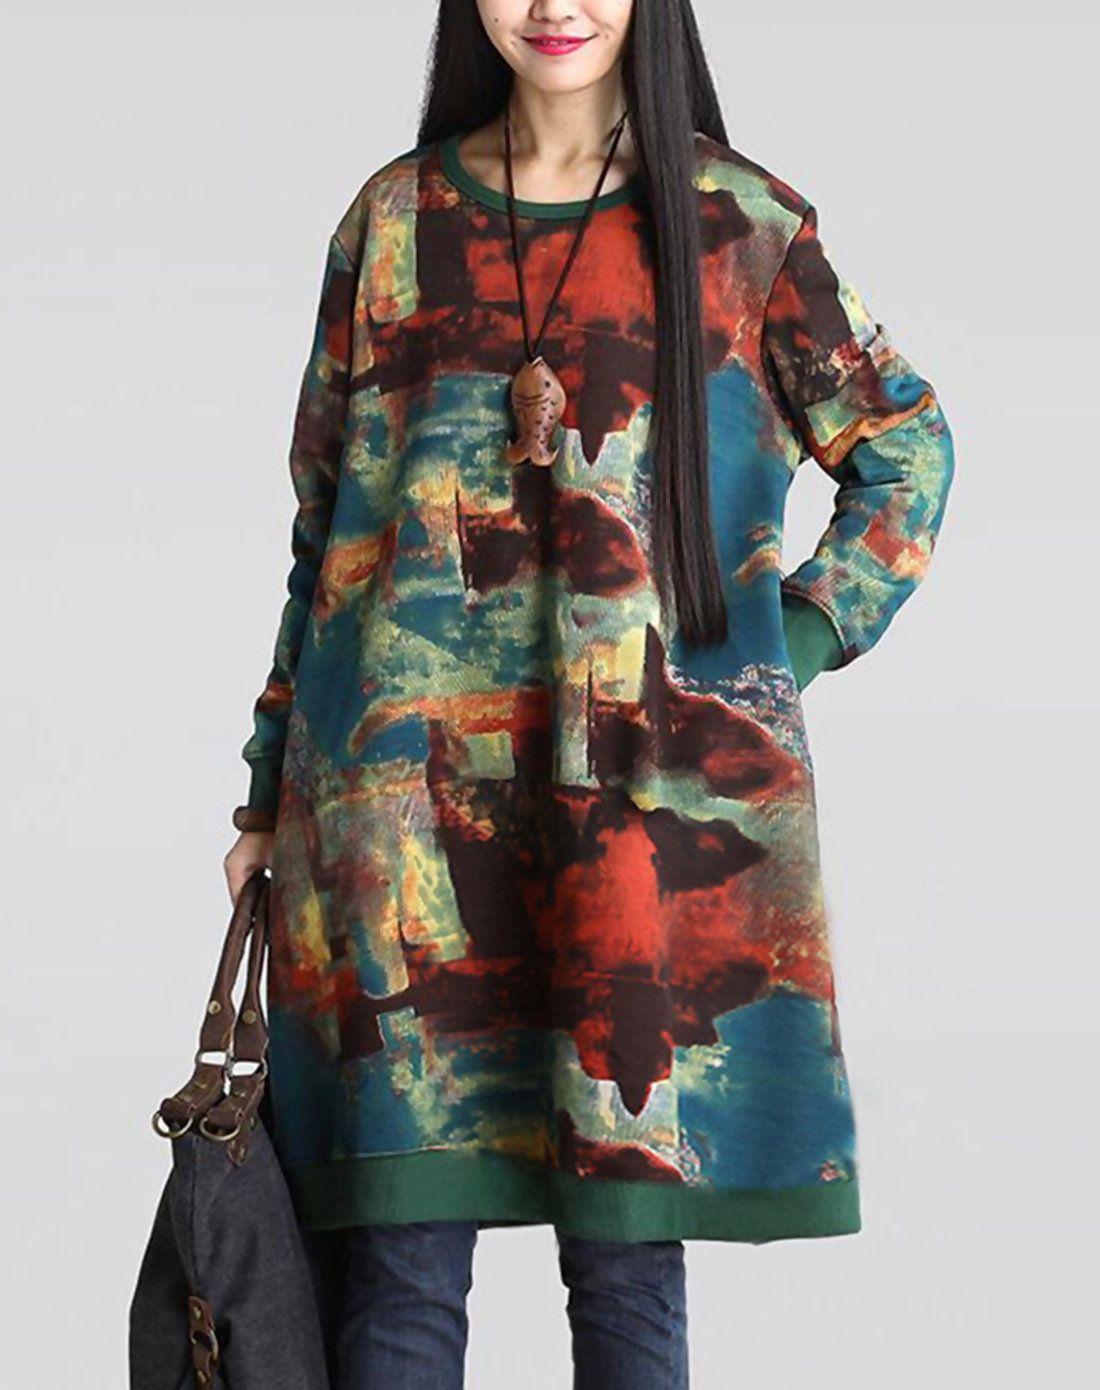 #AdoreWe #VIPme Sweatshirts & Hoodies - HAMEI Black Pullover Abstract Printed Long Sweatshirt - AdoreWe.com